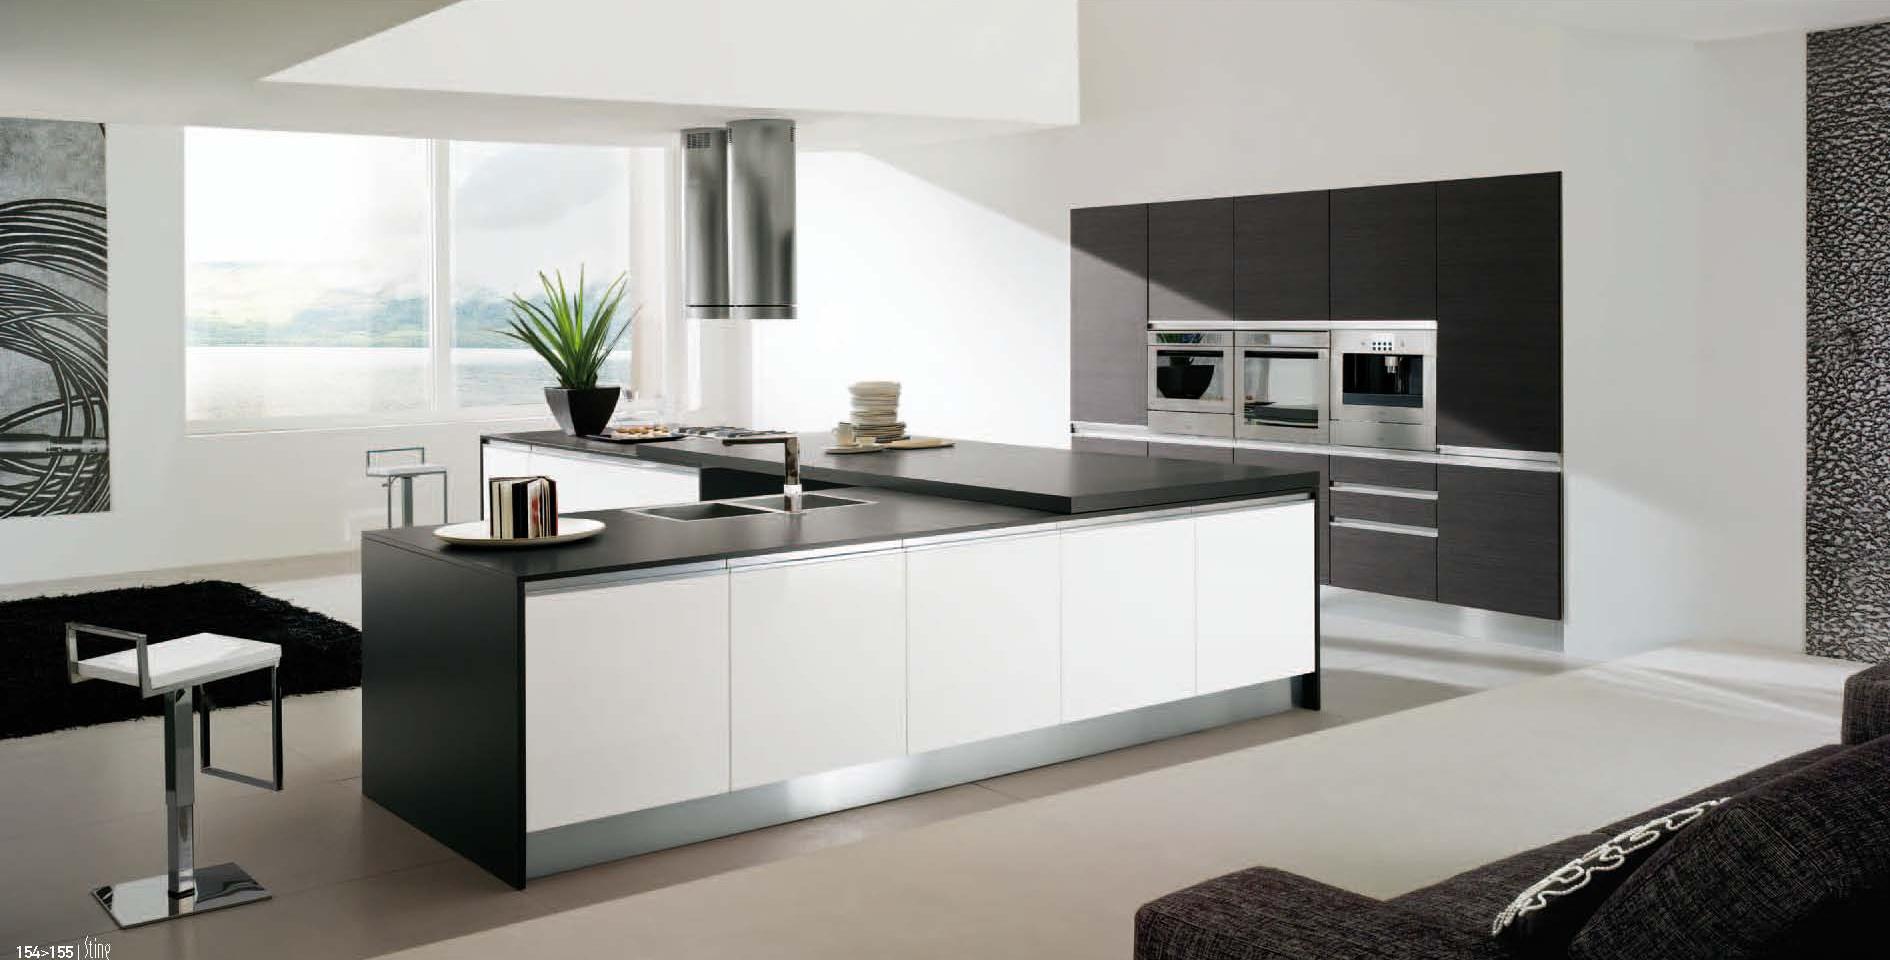 Cucina in laminato bianco  Arredamento moderno